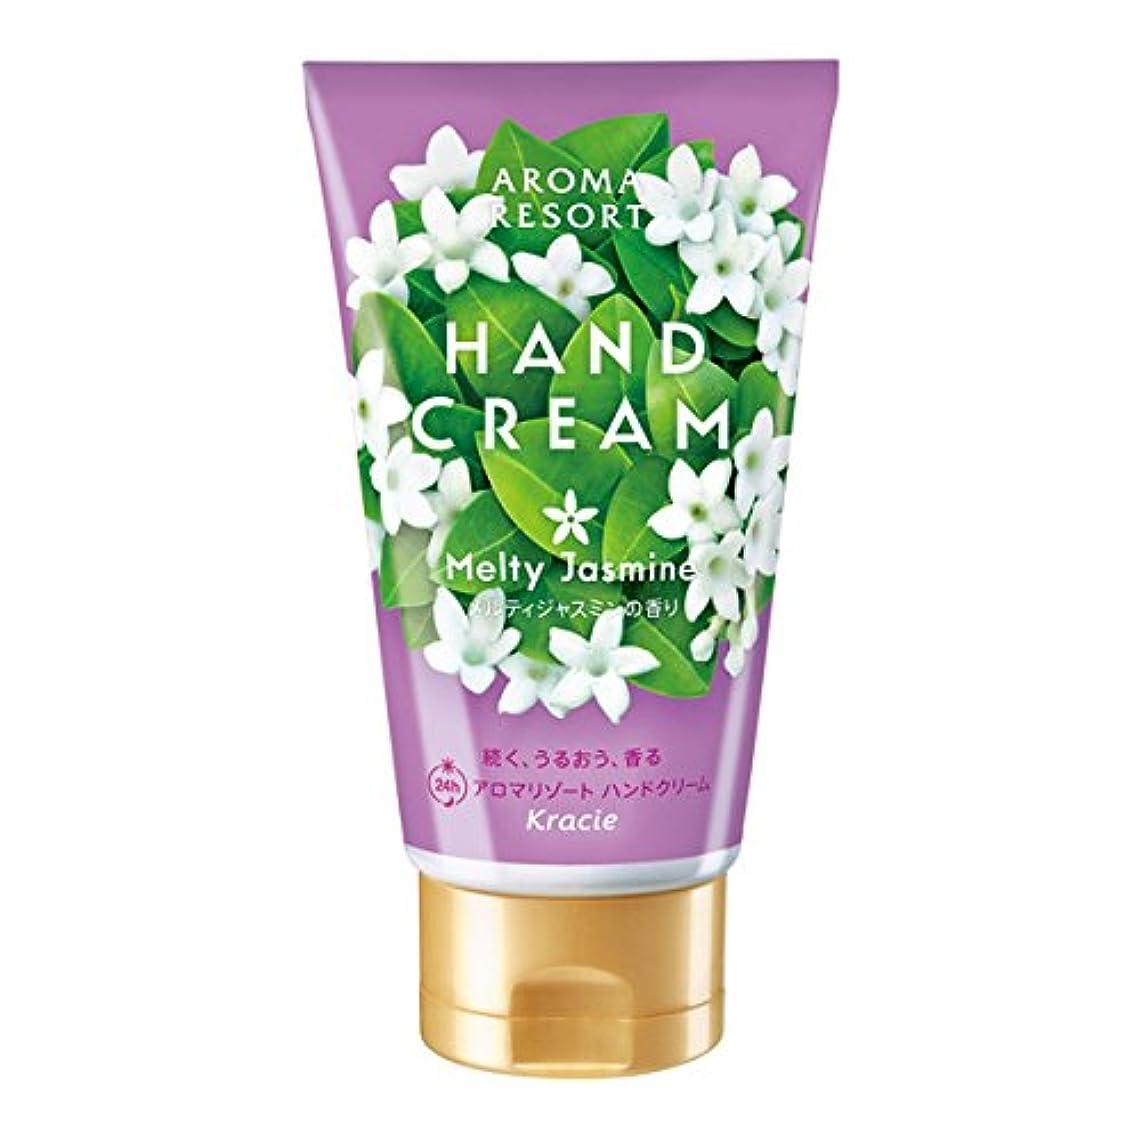 つぼみ例示するピアアロマリゾート ハンドクリーム メルティジャスミンの香り 70g